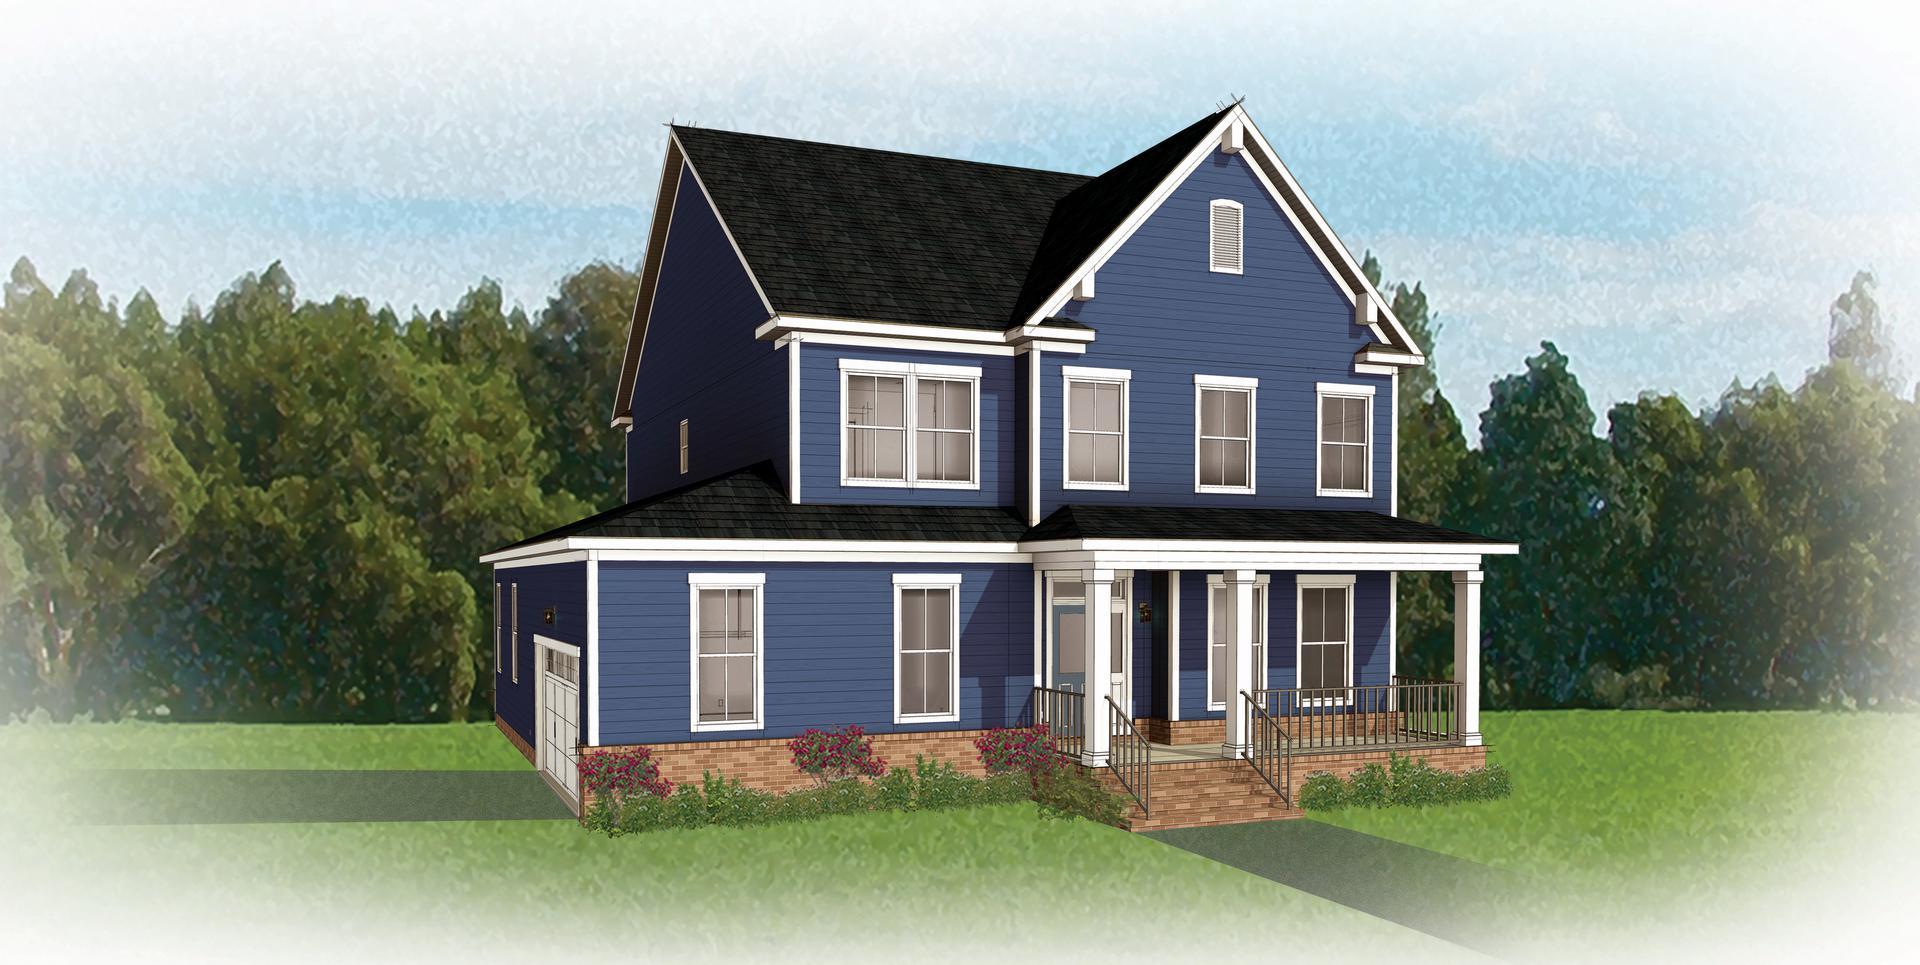 The Savannah new home in Smithfield VA